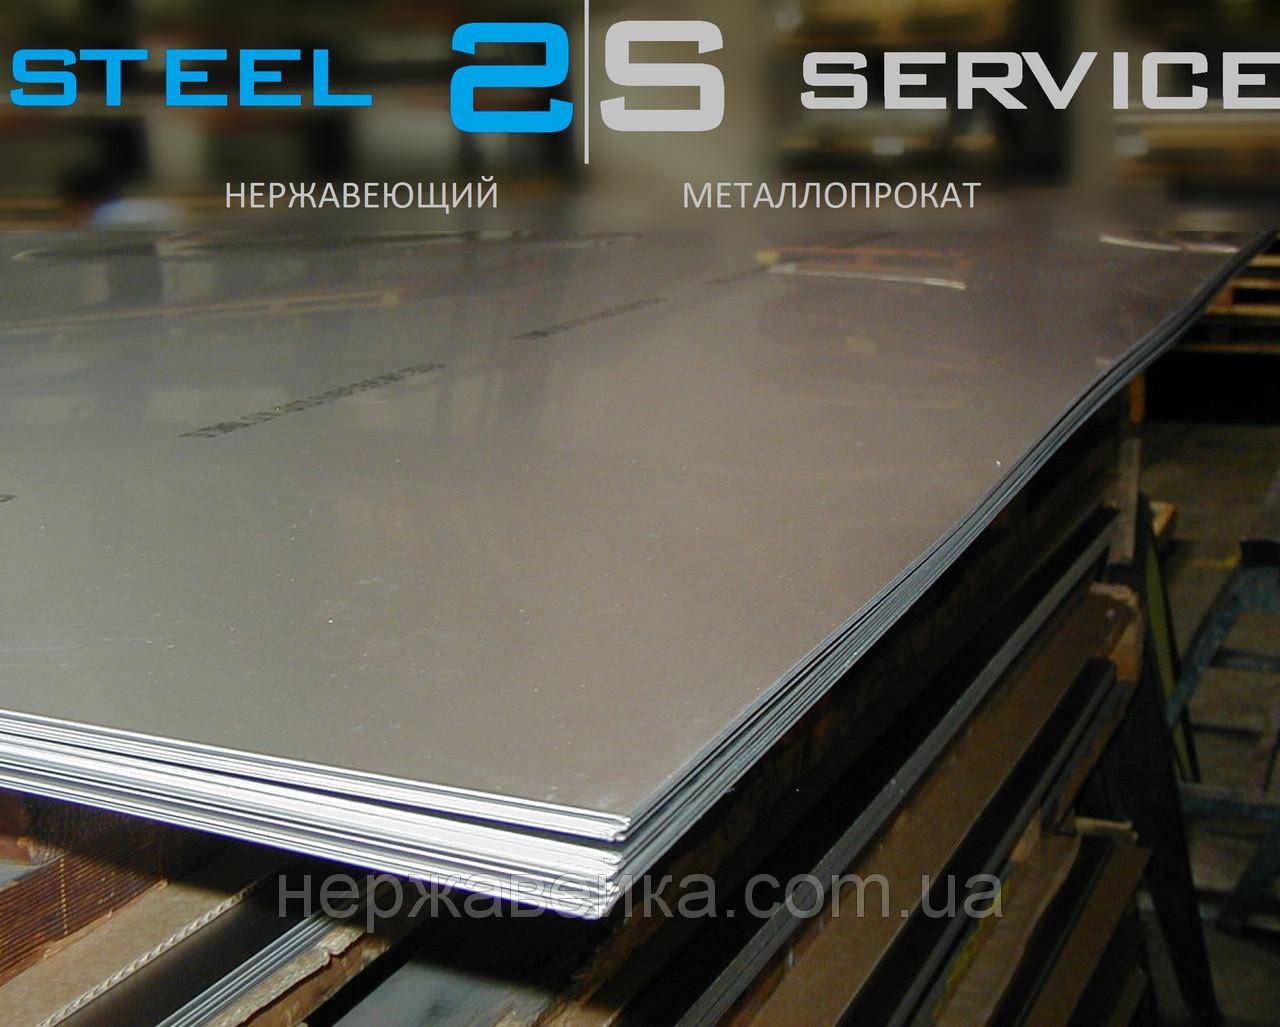 Нержавейка лист 8х1000х2000мм  AISI 309(20Х23Н13, 20Х20Н14С2) F1 - горячекатанный,  жаропрочный